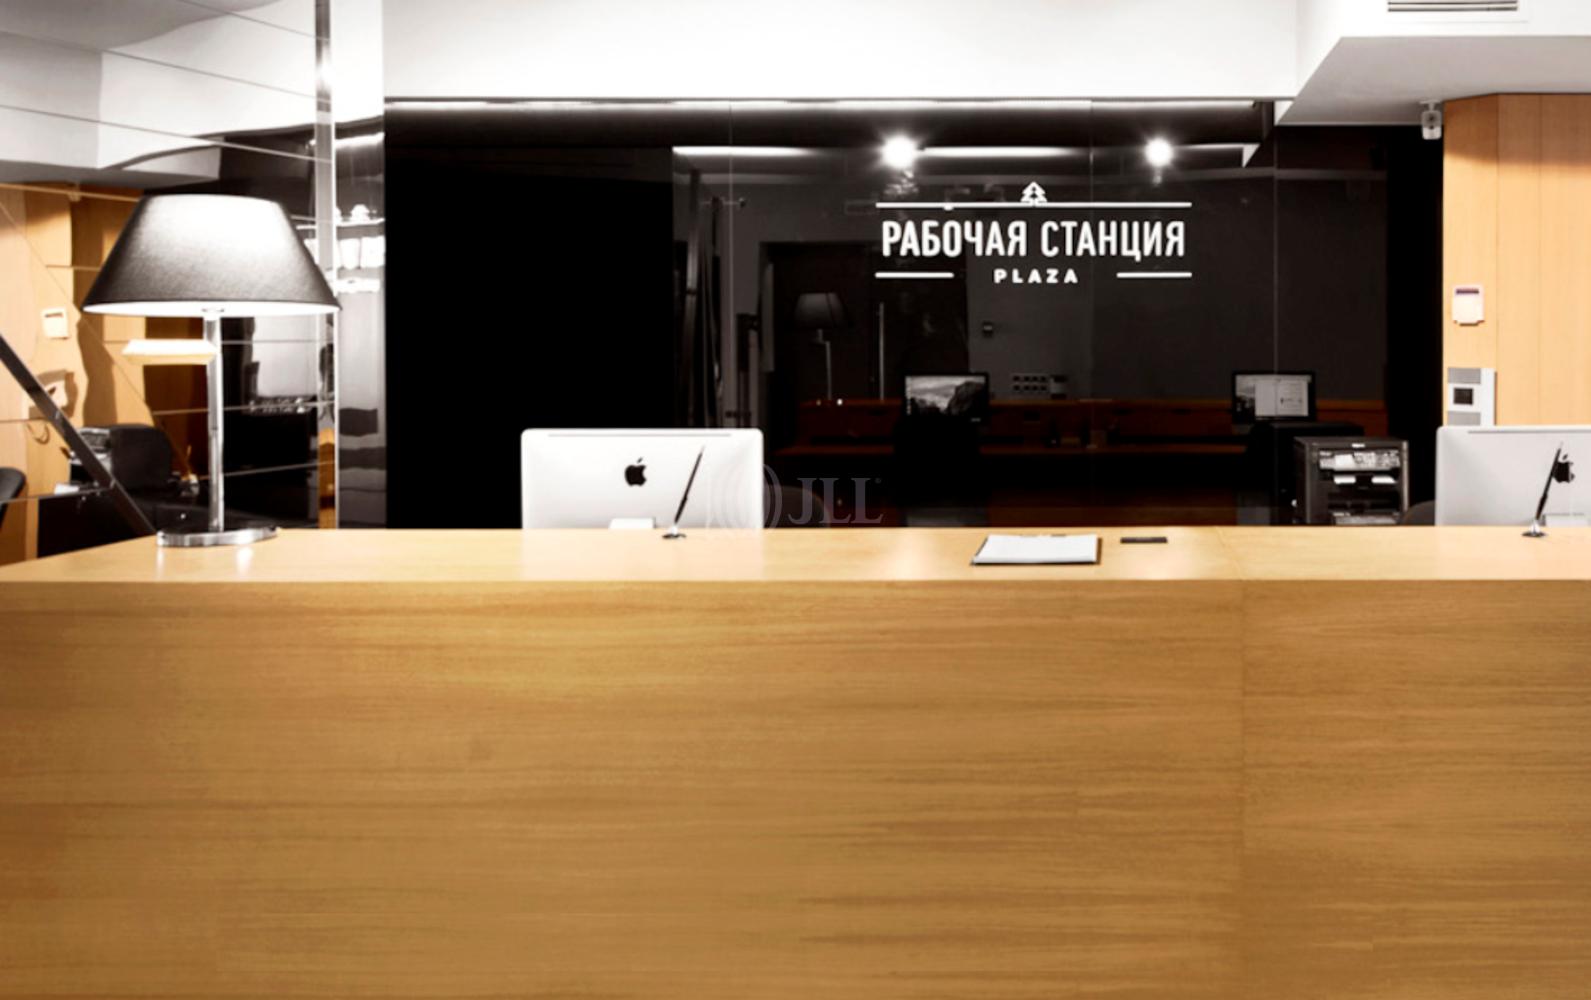 Гибкие пространства Москва - Рабочая станция Plaza